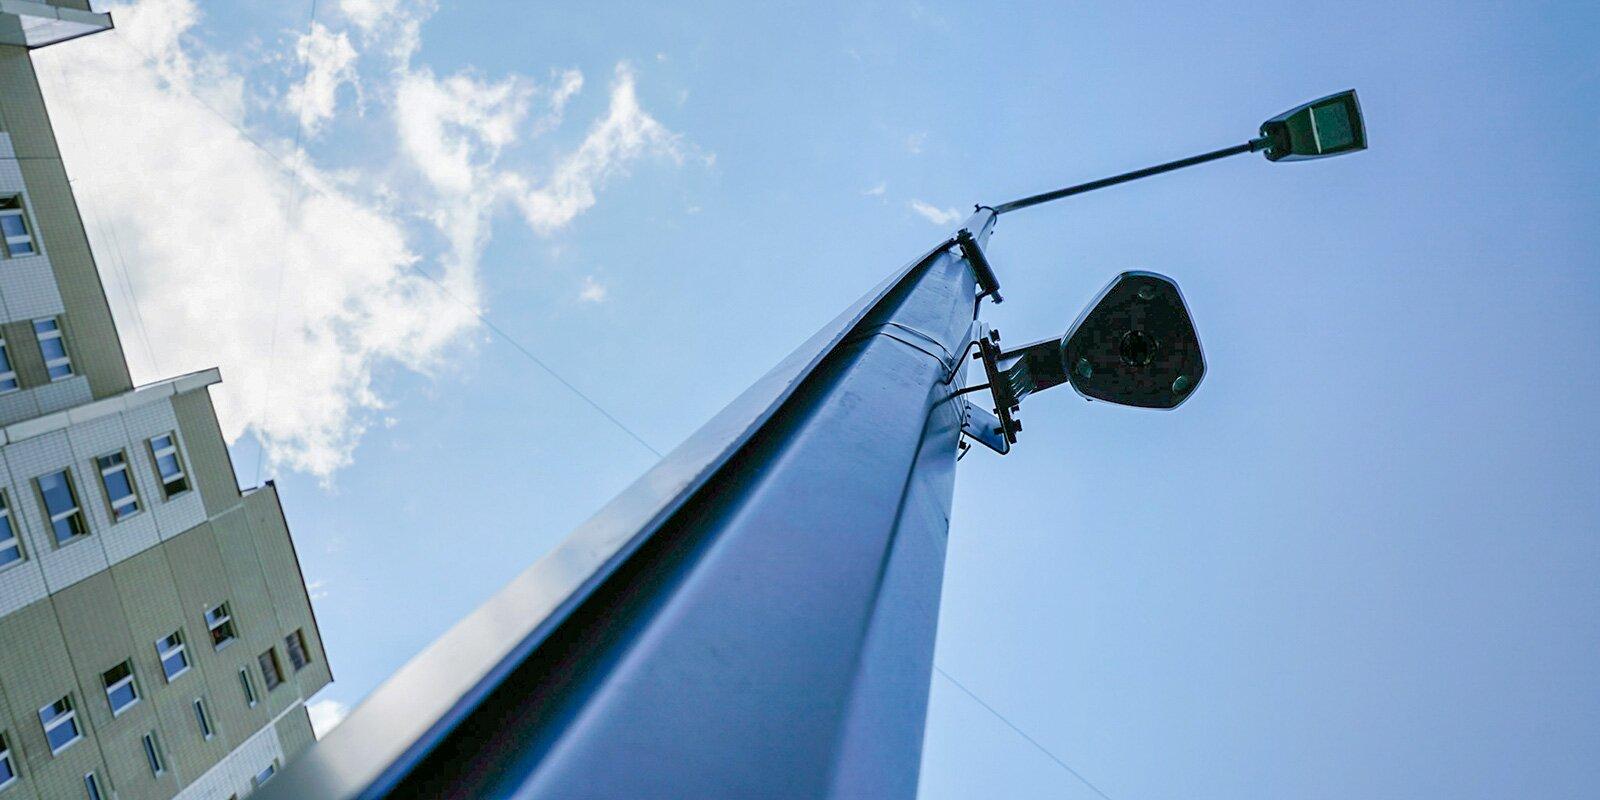 Программа по установке умных фонарей реализуется с 2018 года. Фото: сайт мэра Москвы